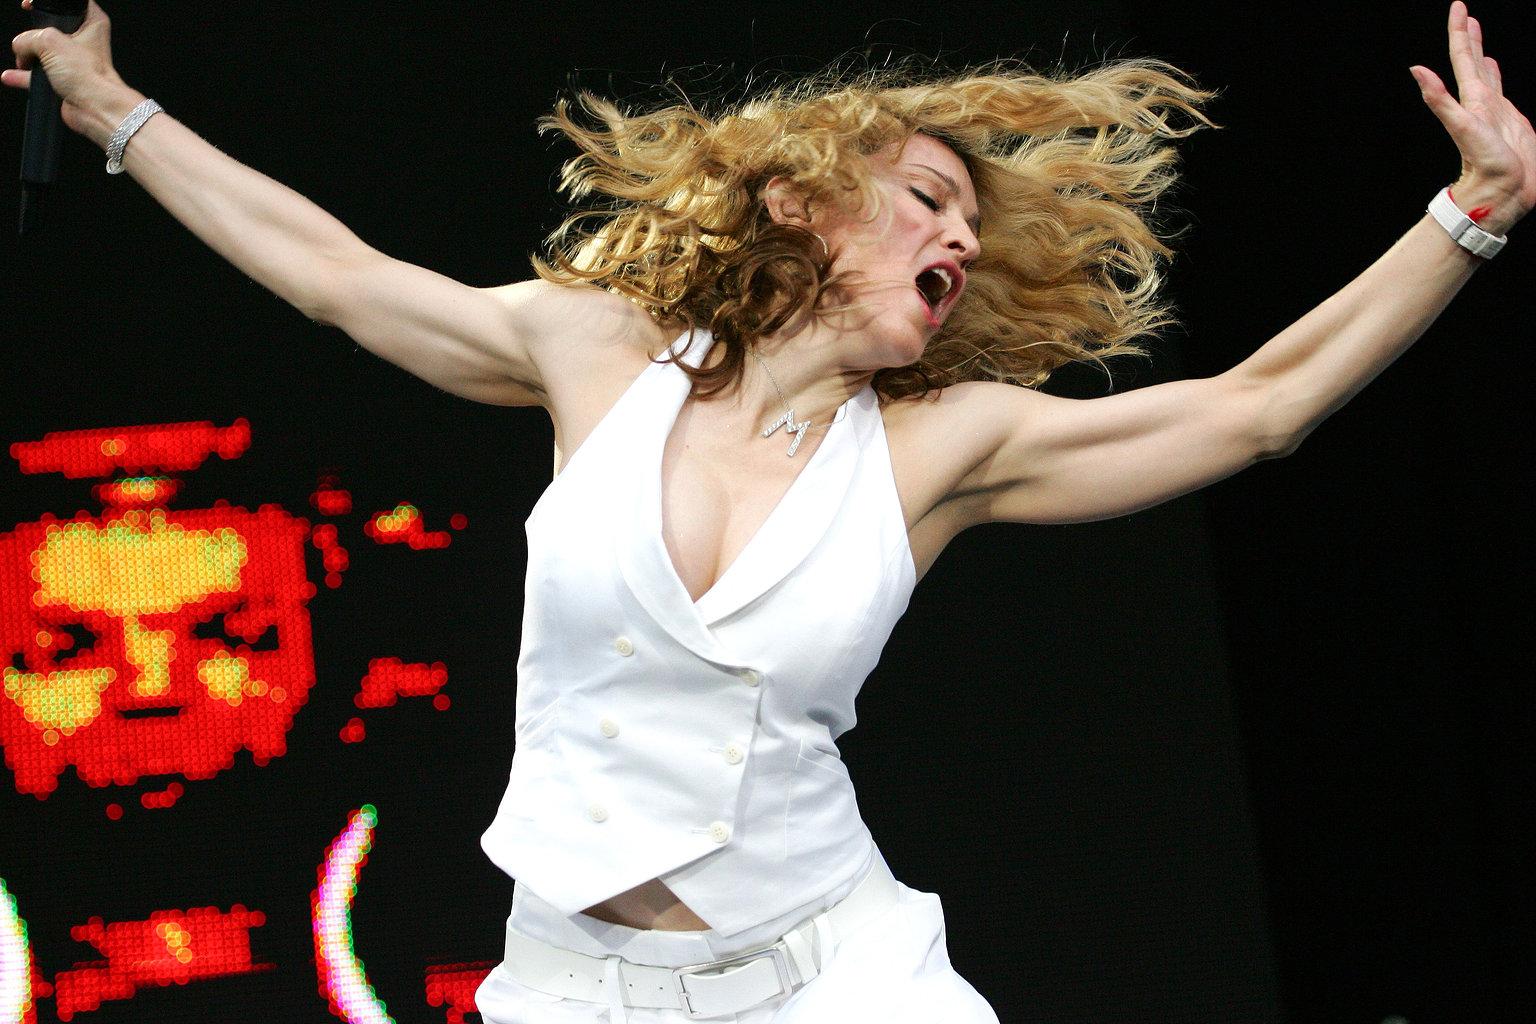 Мадонна представит свой новый клип через израильское приложение для смартфонов